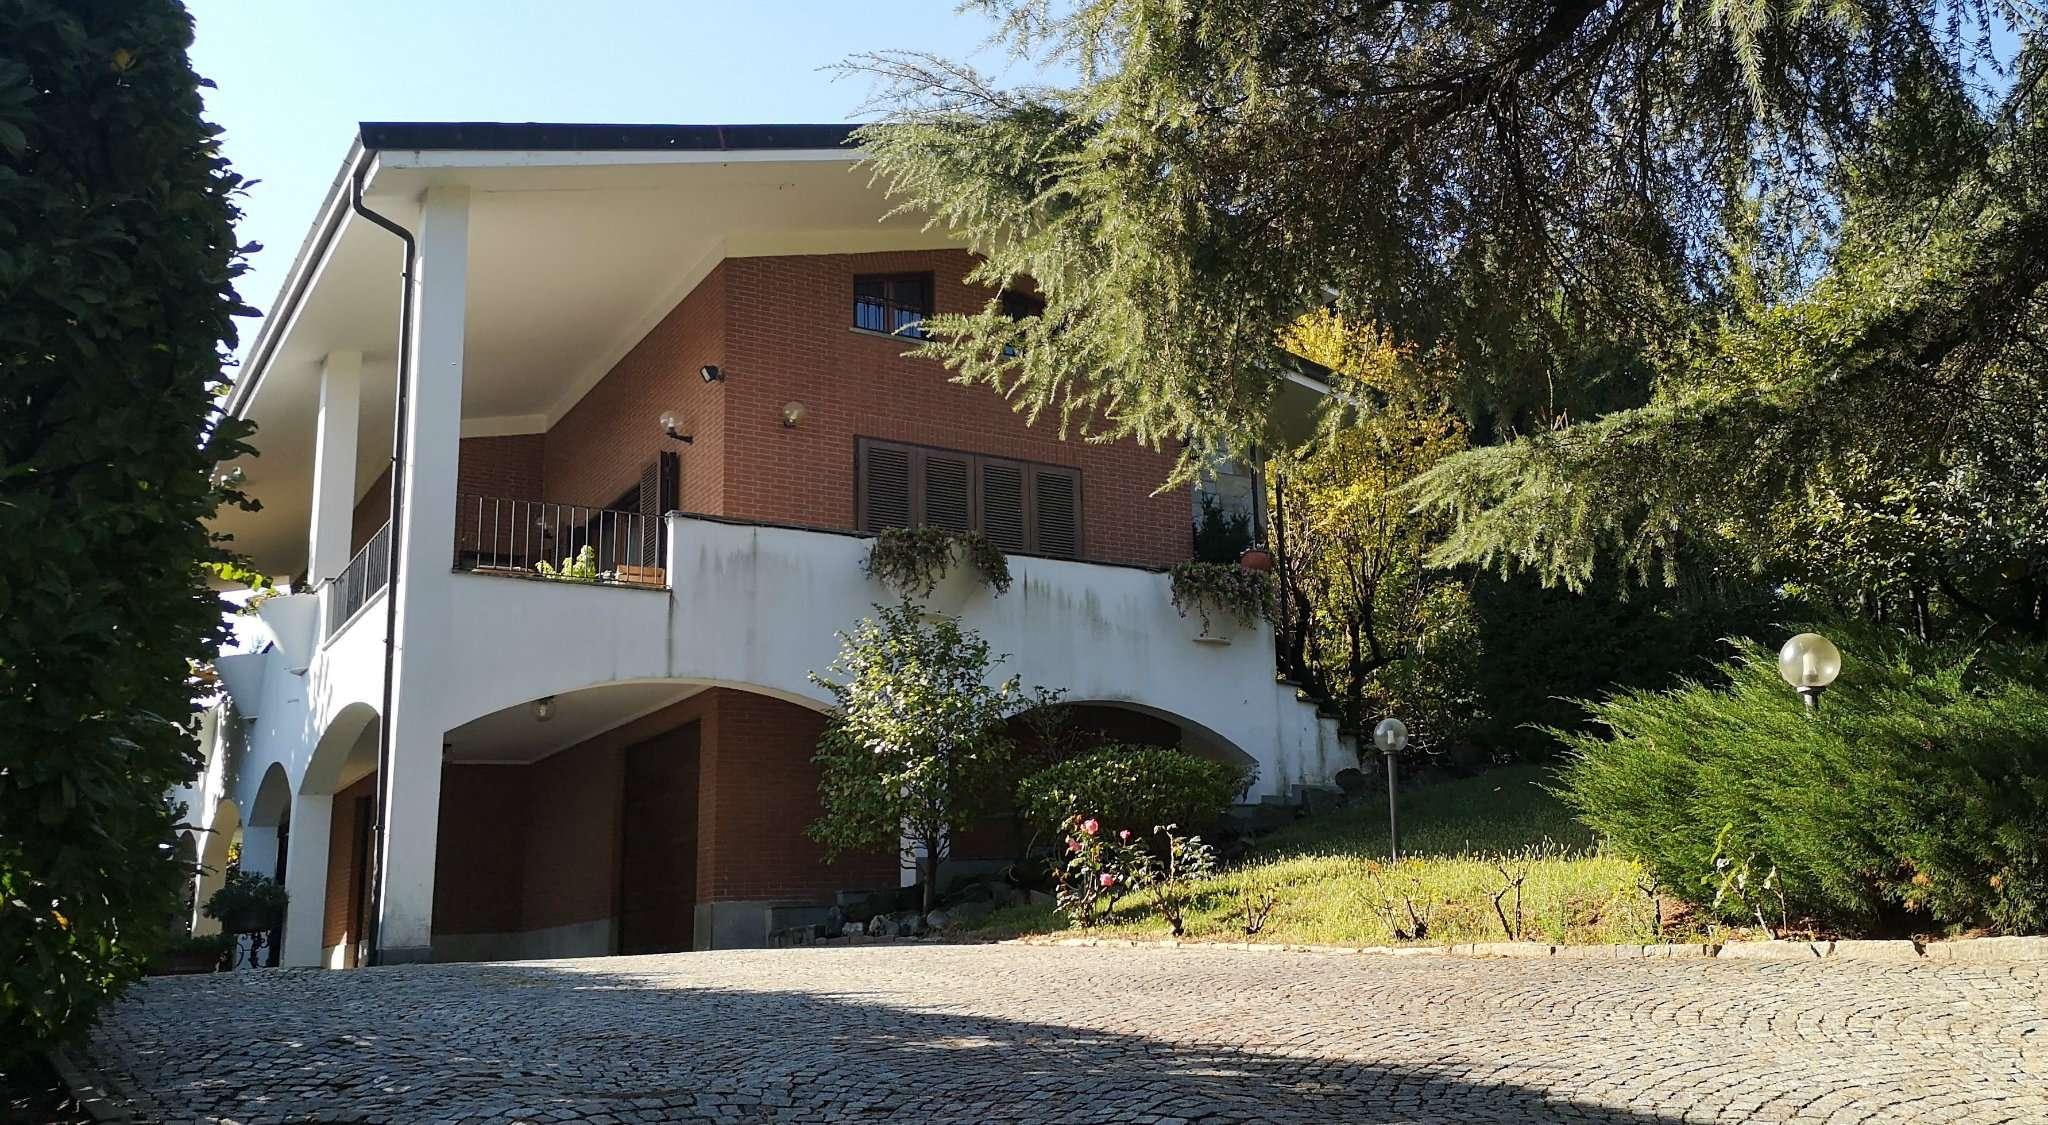 Villa in vendita a Villarbasse, 10 locali, prezzo € 445.000   PortaleAgenzieImmobiliari.it